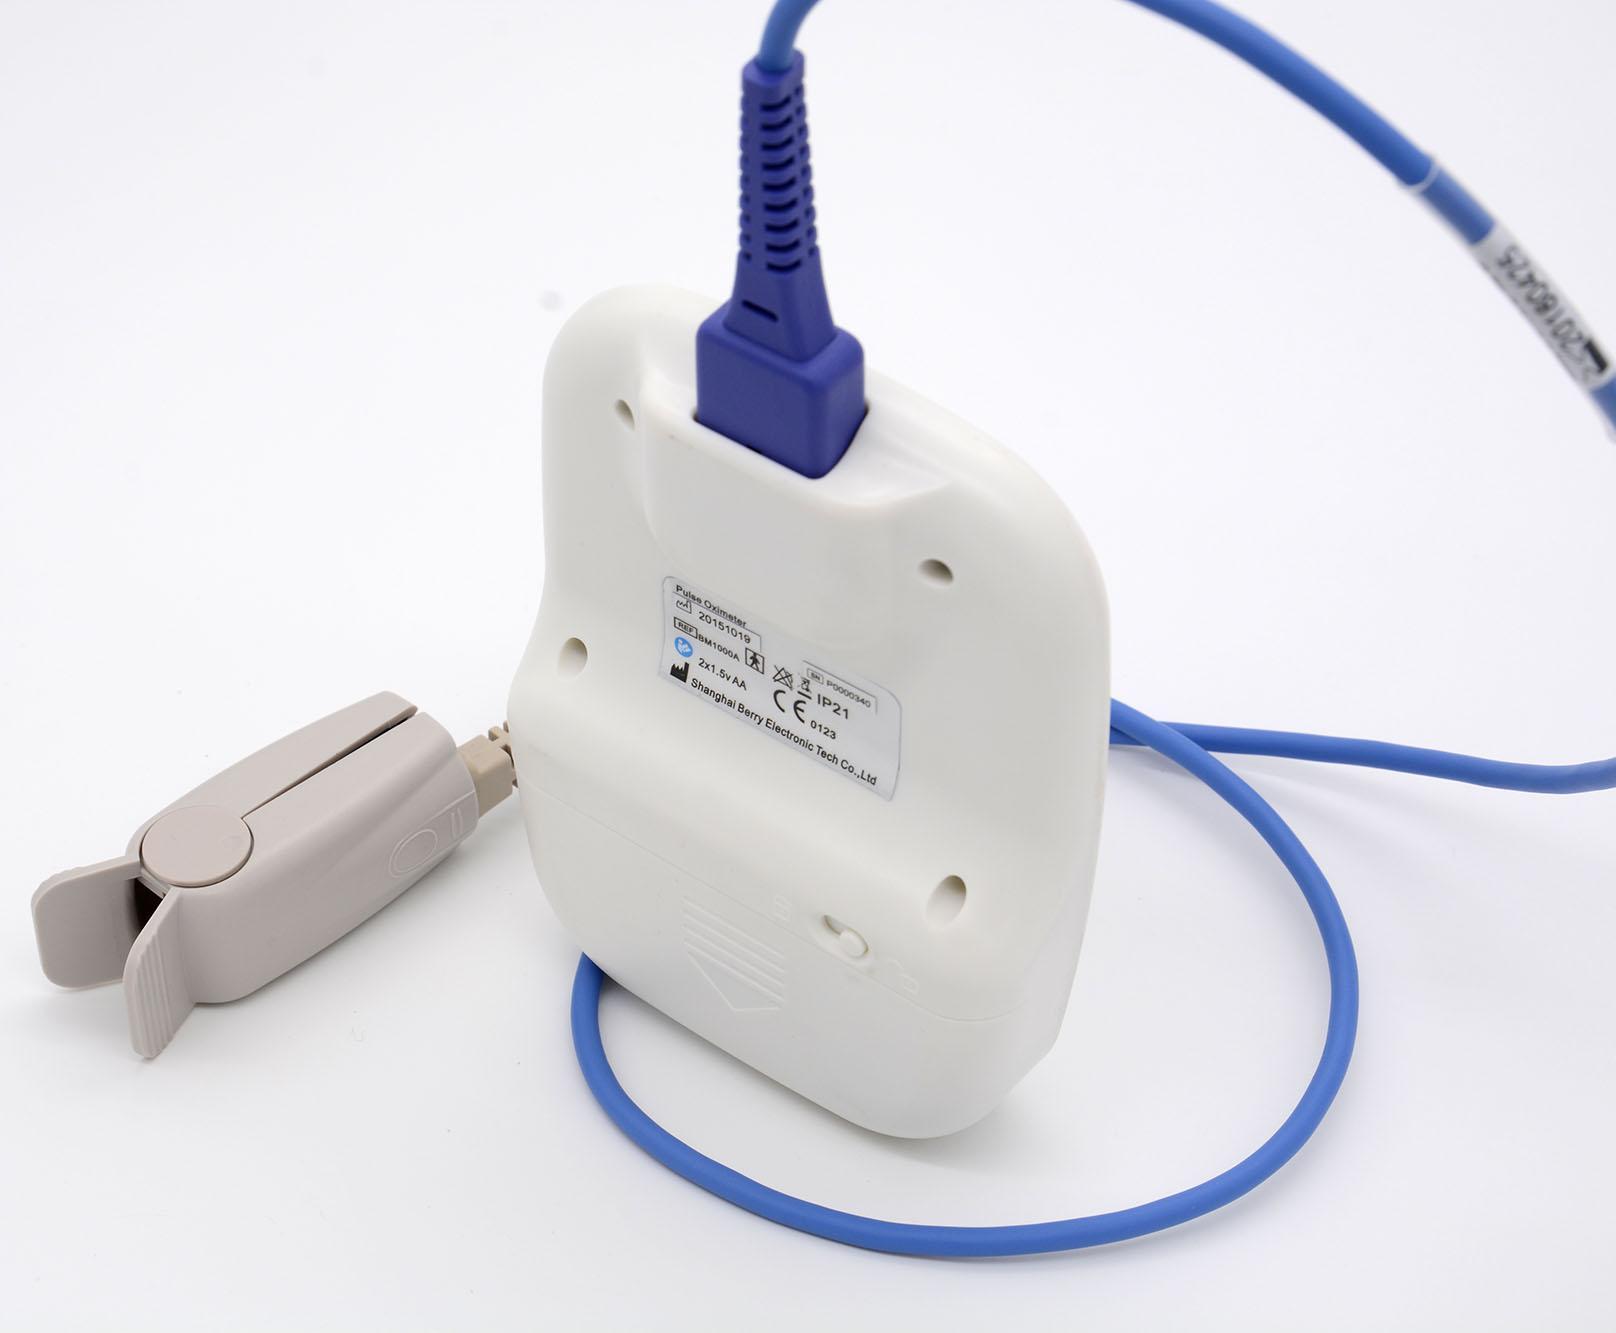 中国制造的便宜便携式手持脉搏血氧仪 1